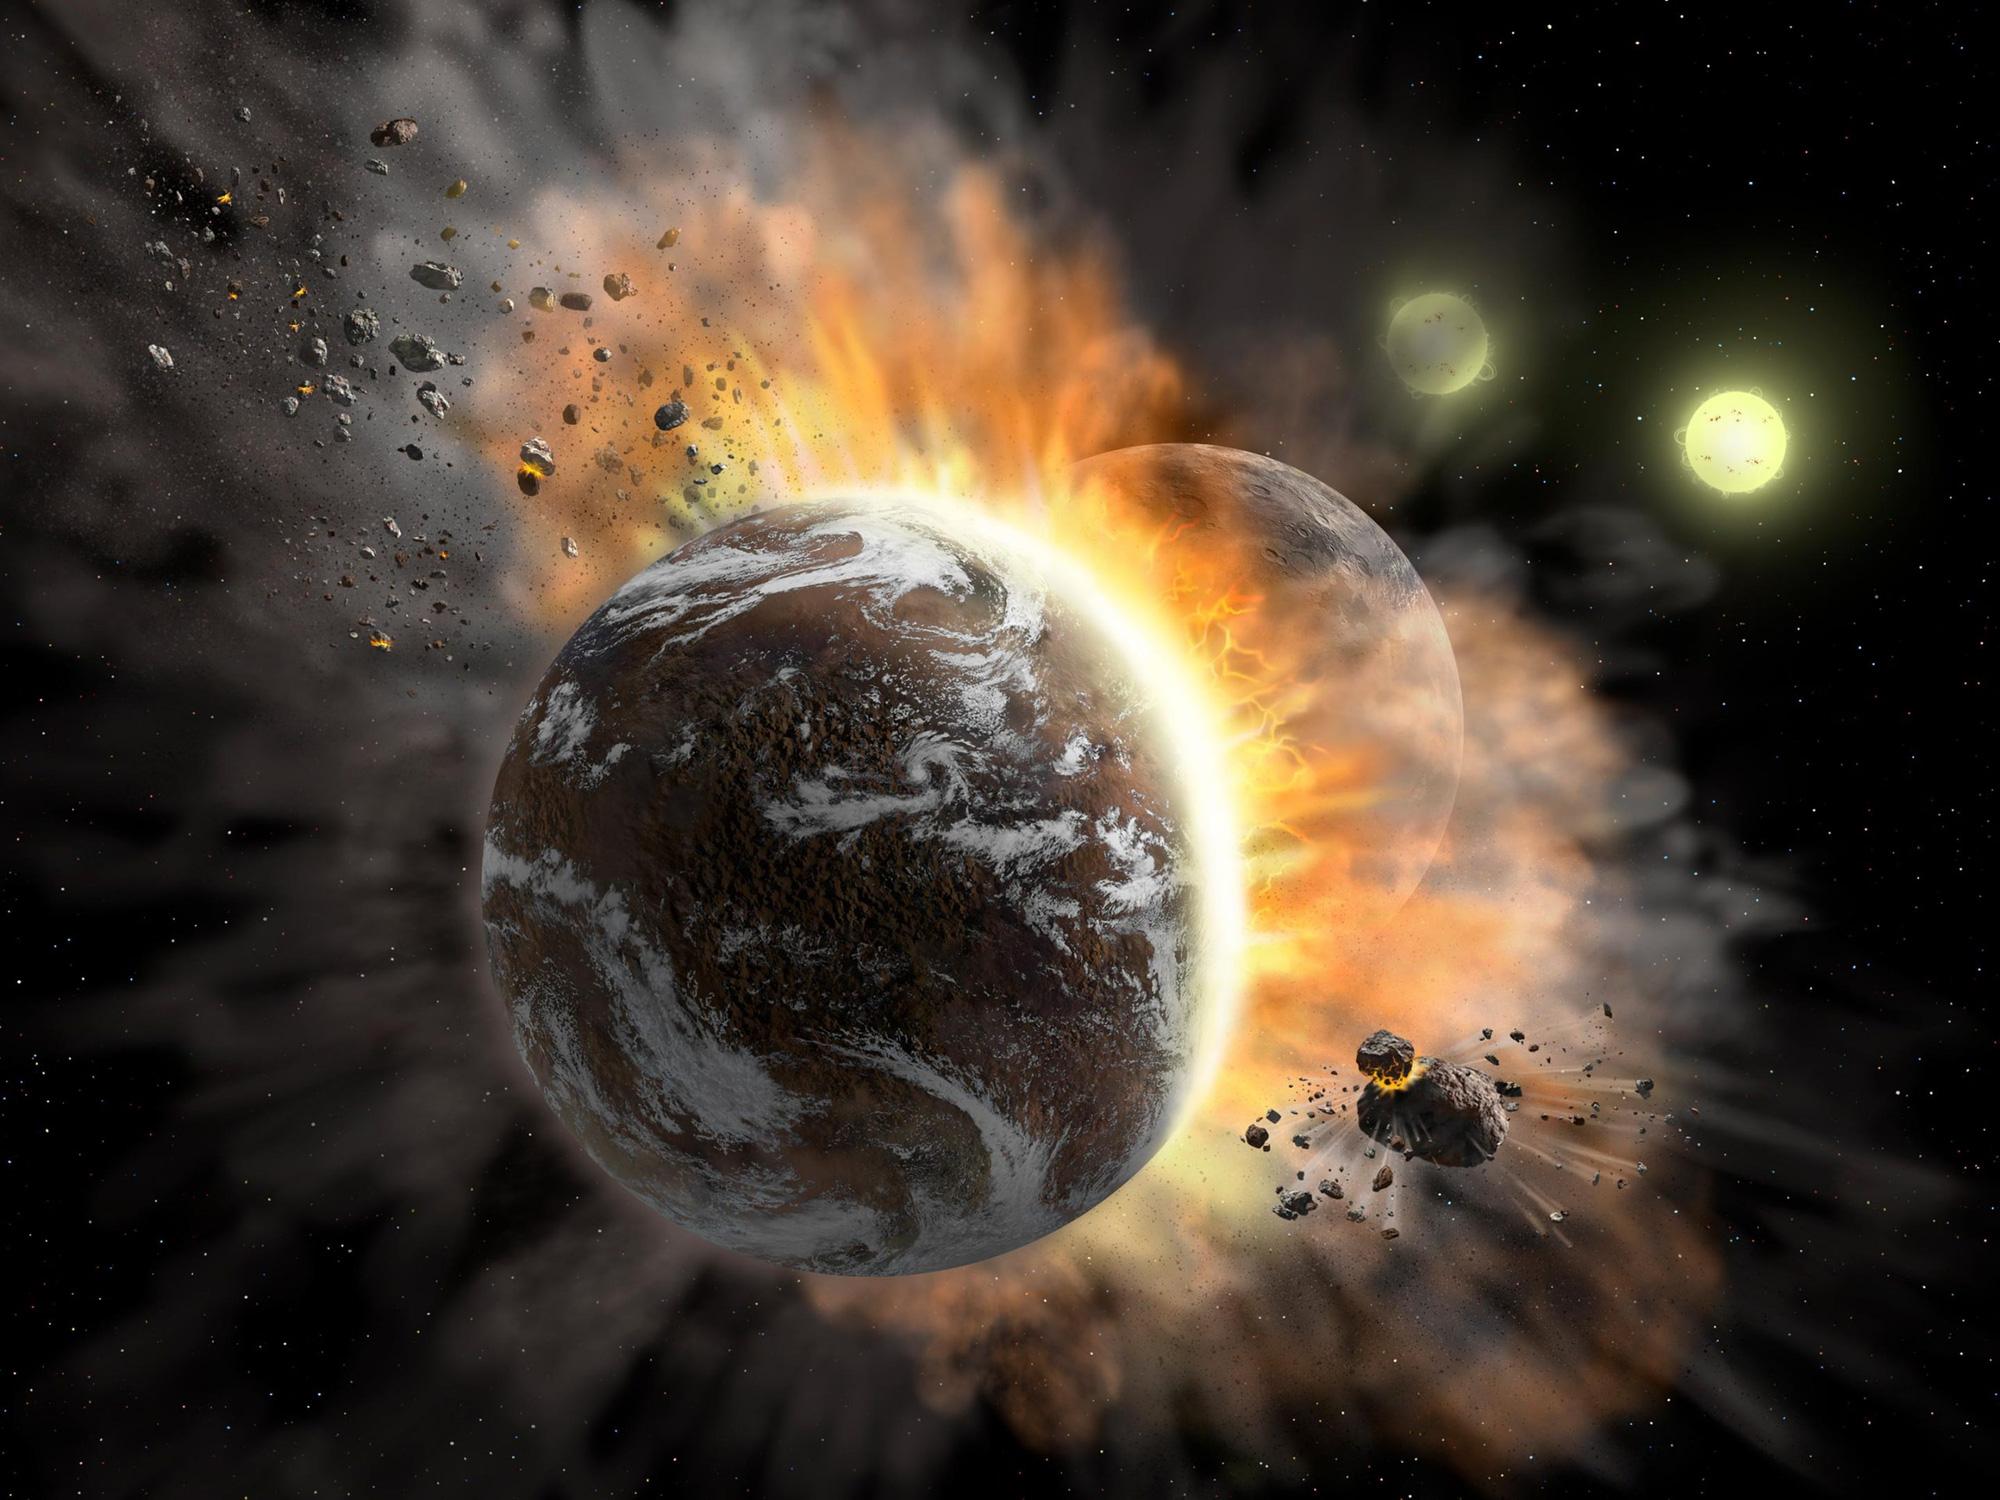 Nhà khoa học nói về nguy cơ một tiểu hành tinh rơi xuống Trái đất trước ngày bầu cử Mỹ - Ảnh 1.